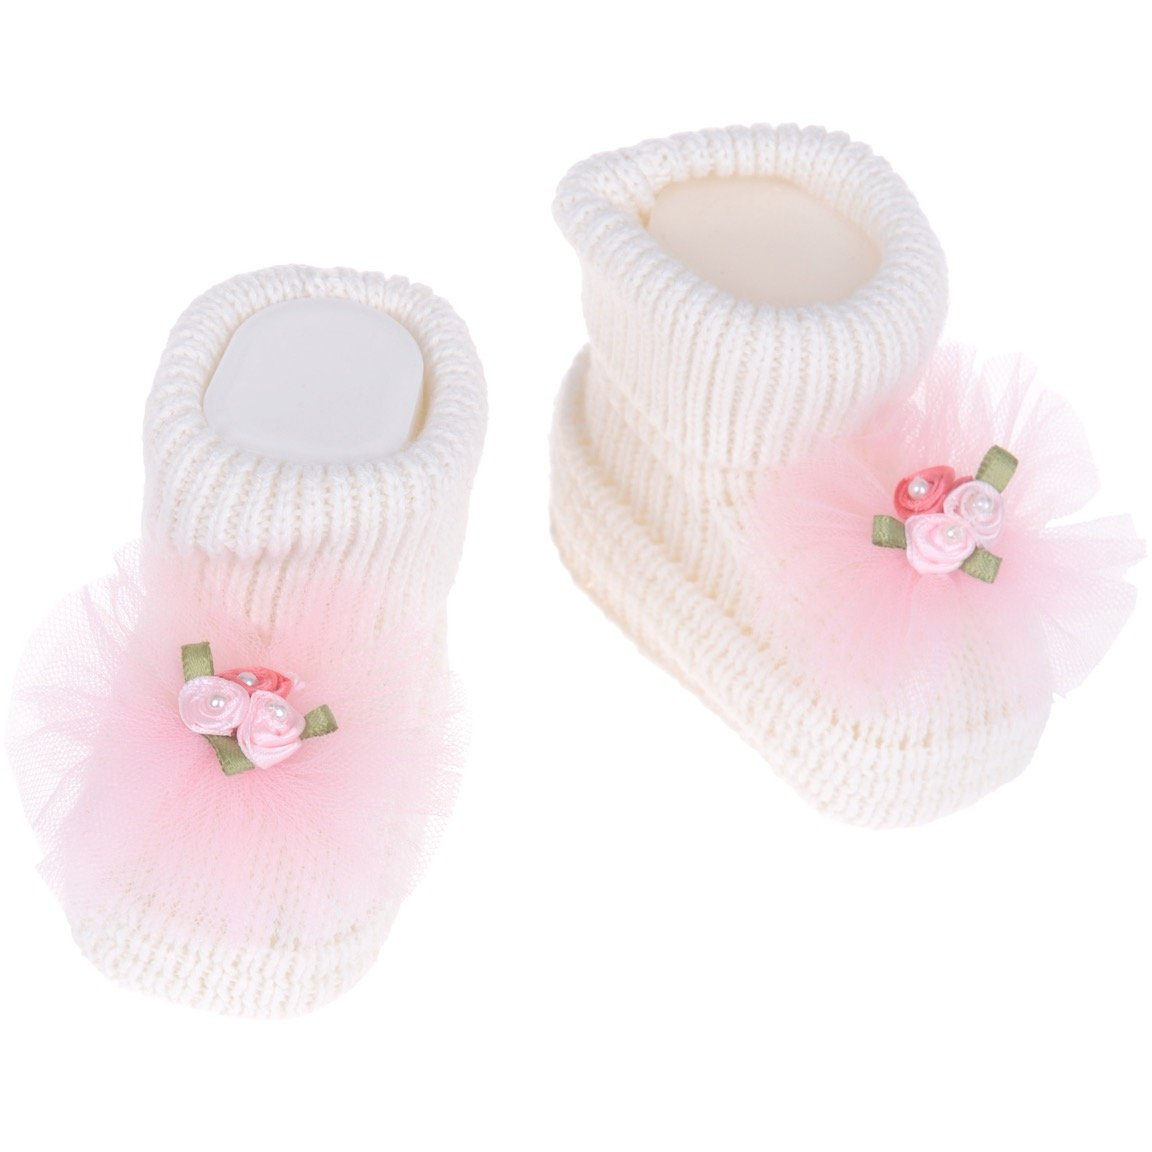 Eda βρεφικές κάλτσες πλεκτές «Layout» - Παιδικά ρούχα 1c14f9744e6